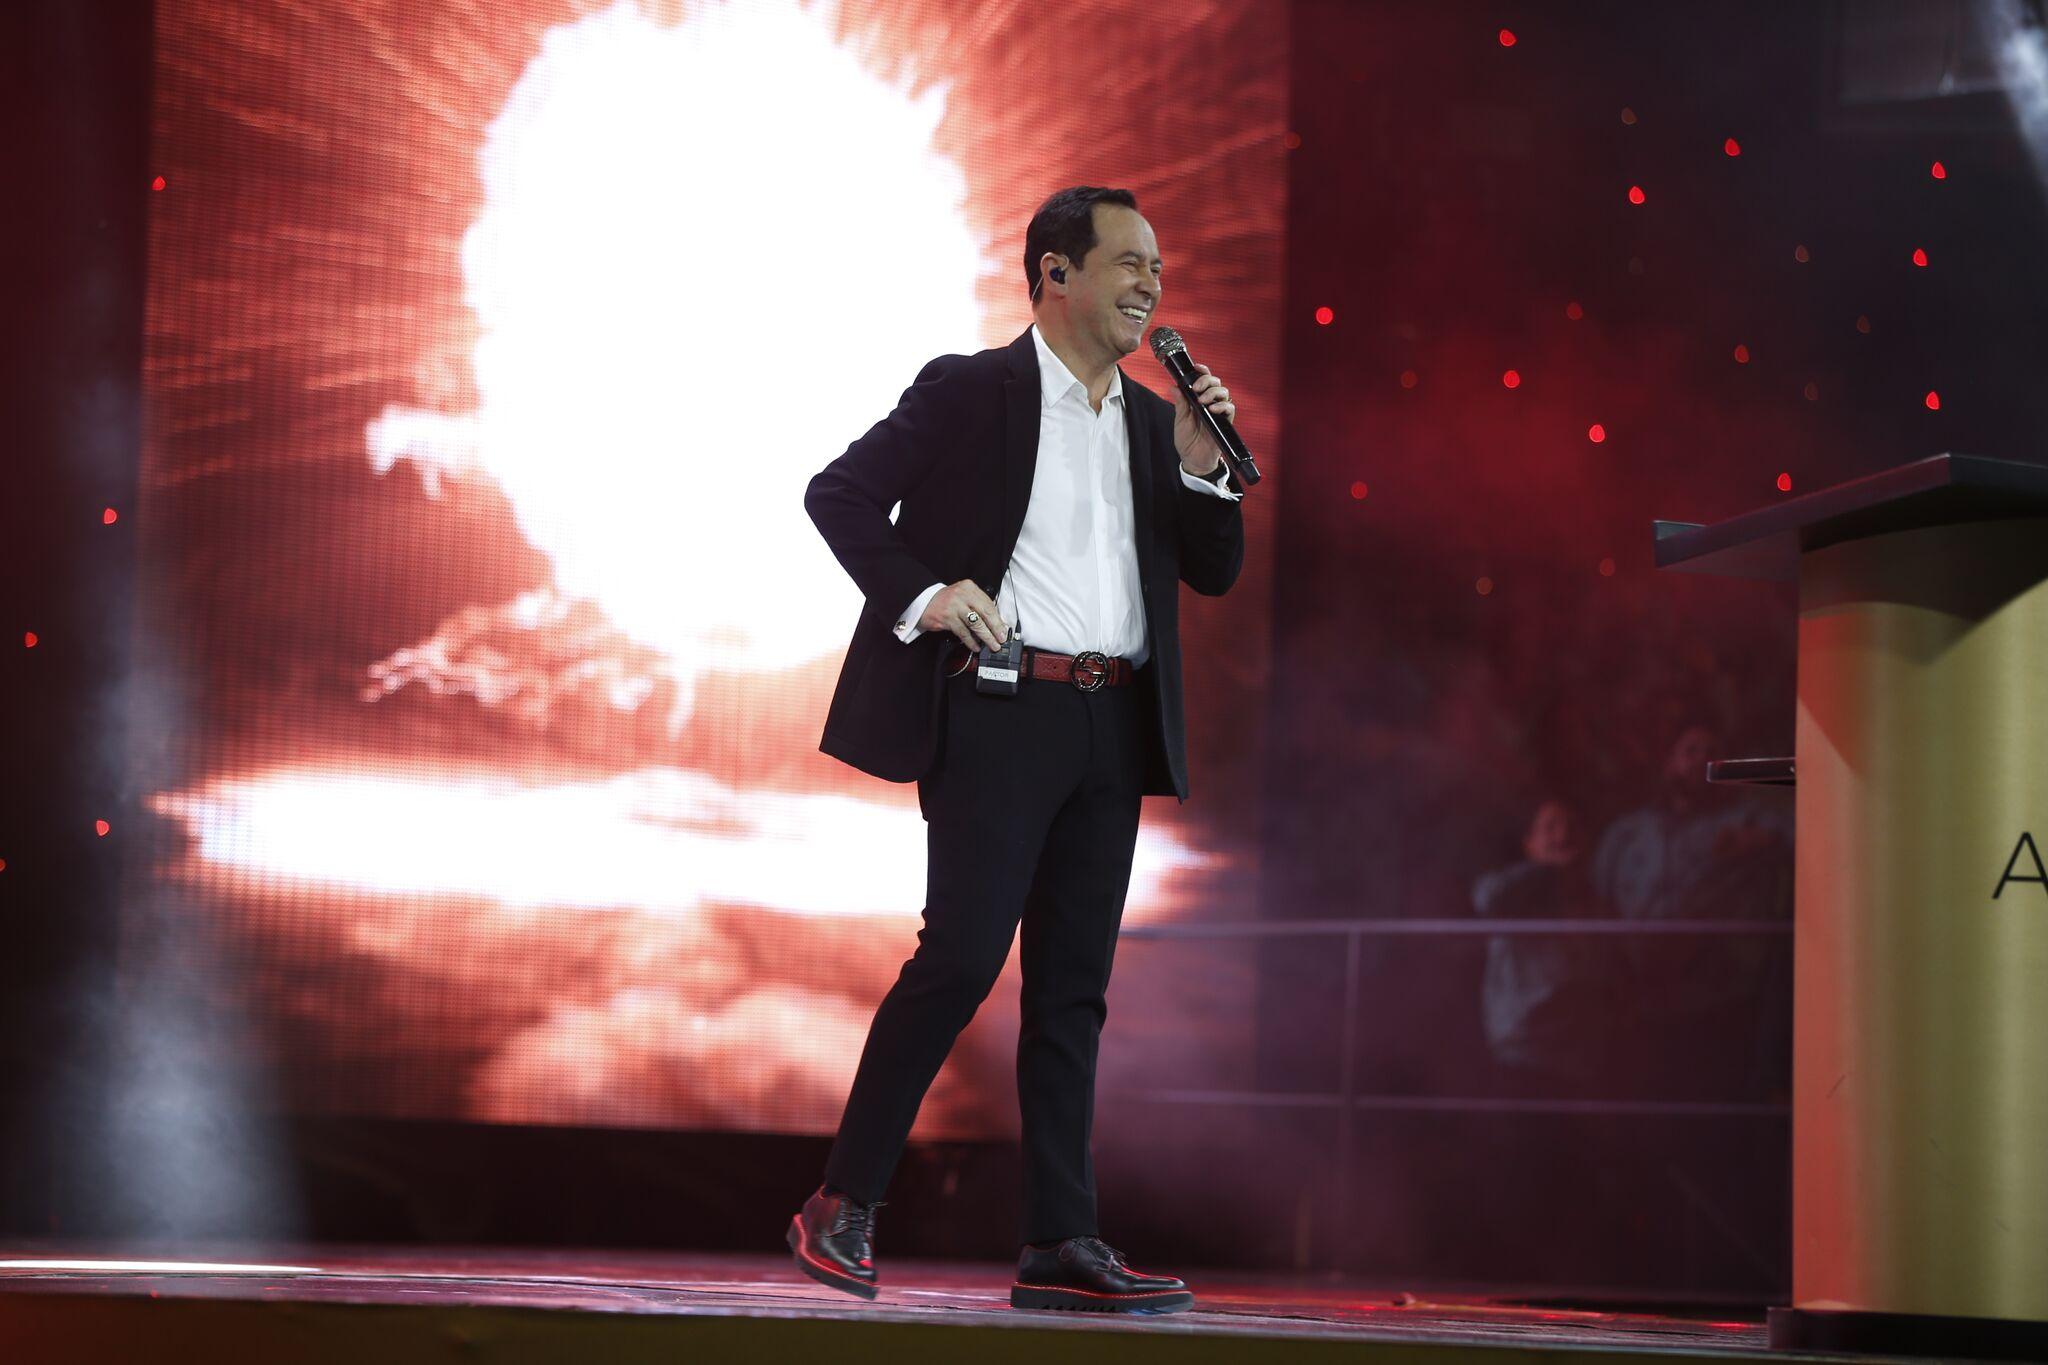 Conferencia # 8 Pastor Ricardo Rodríguez - Él reposa sólo donde están Sus amigos